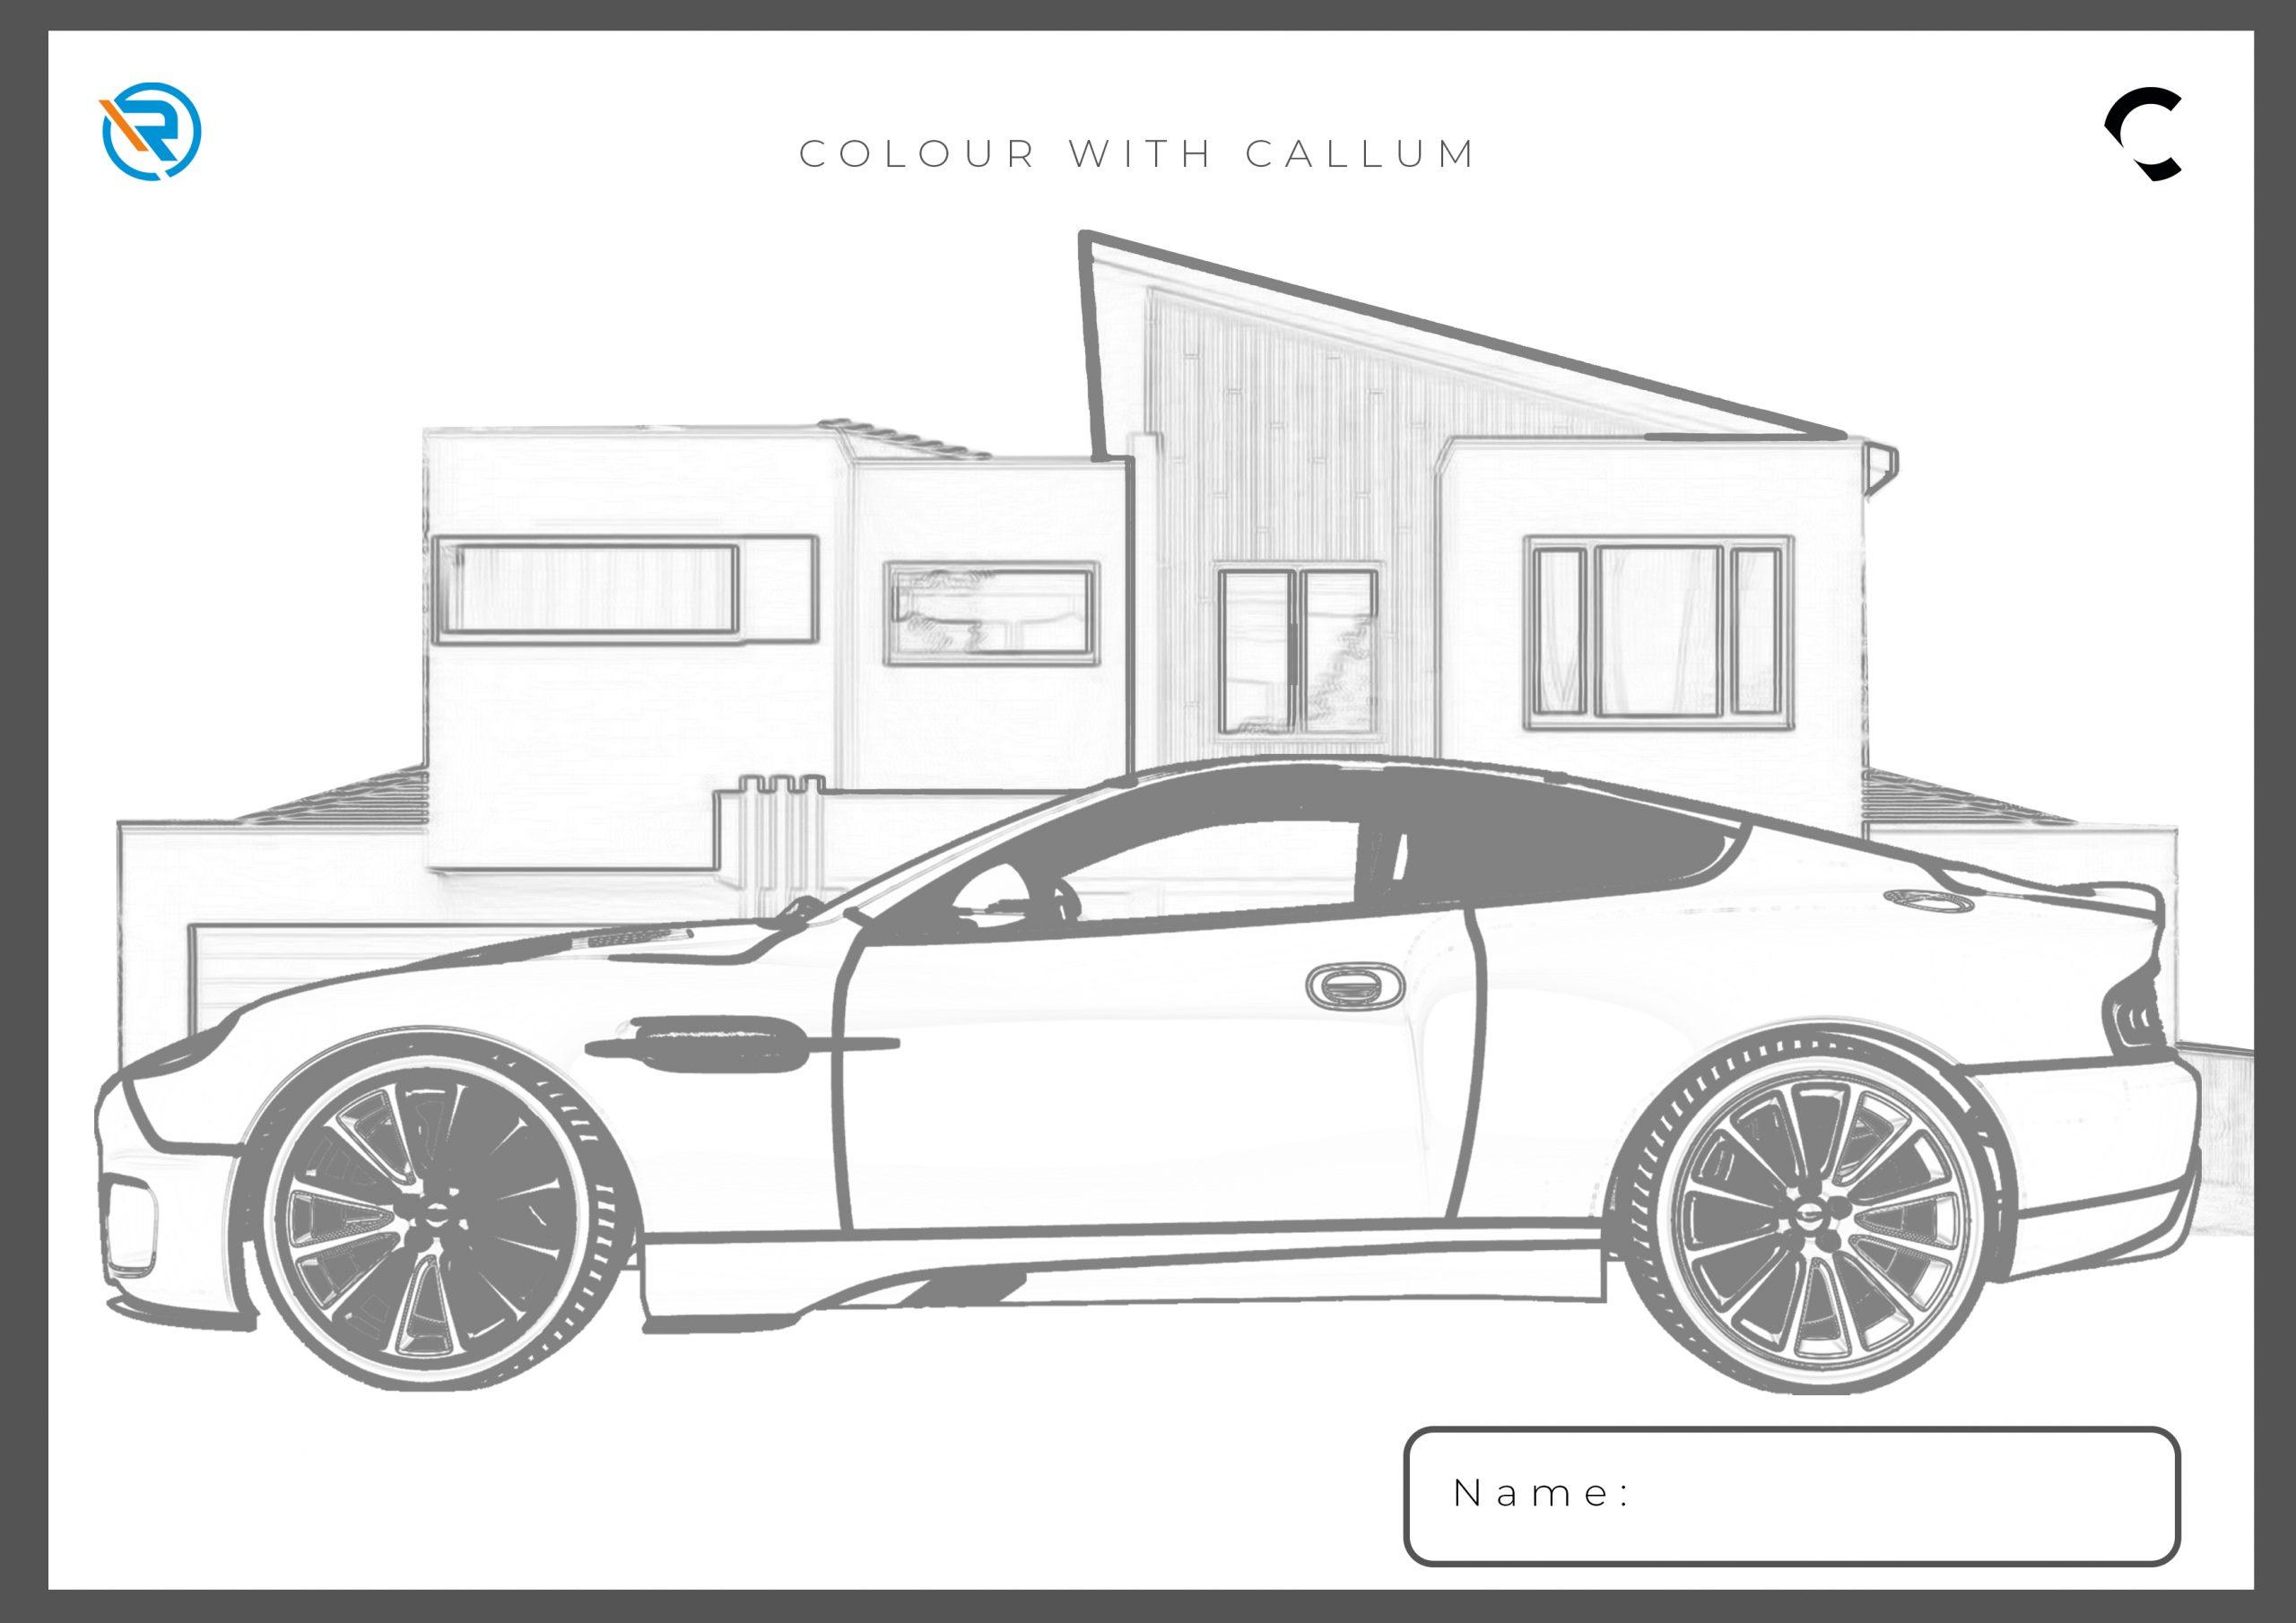 Colour-with-CALLUM-3